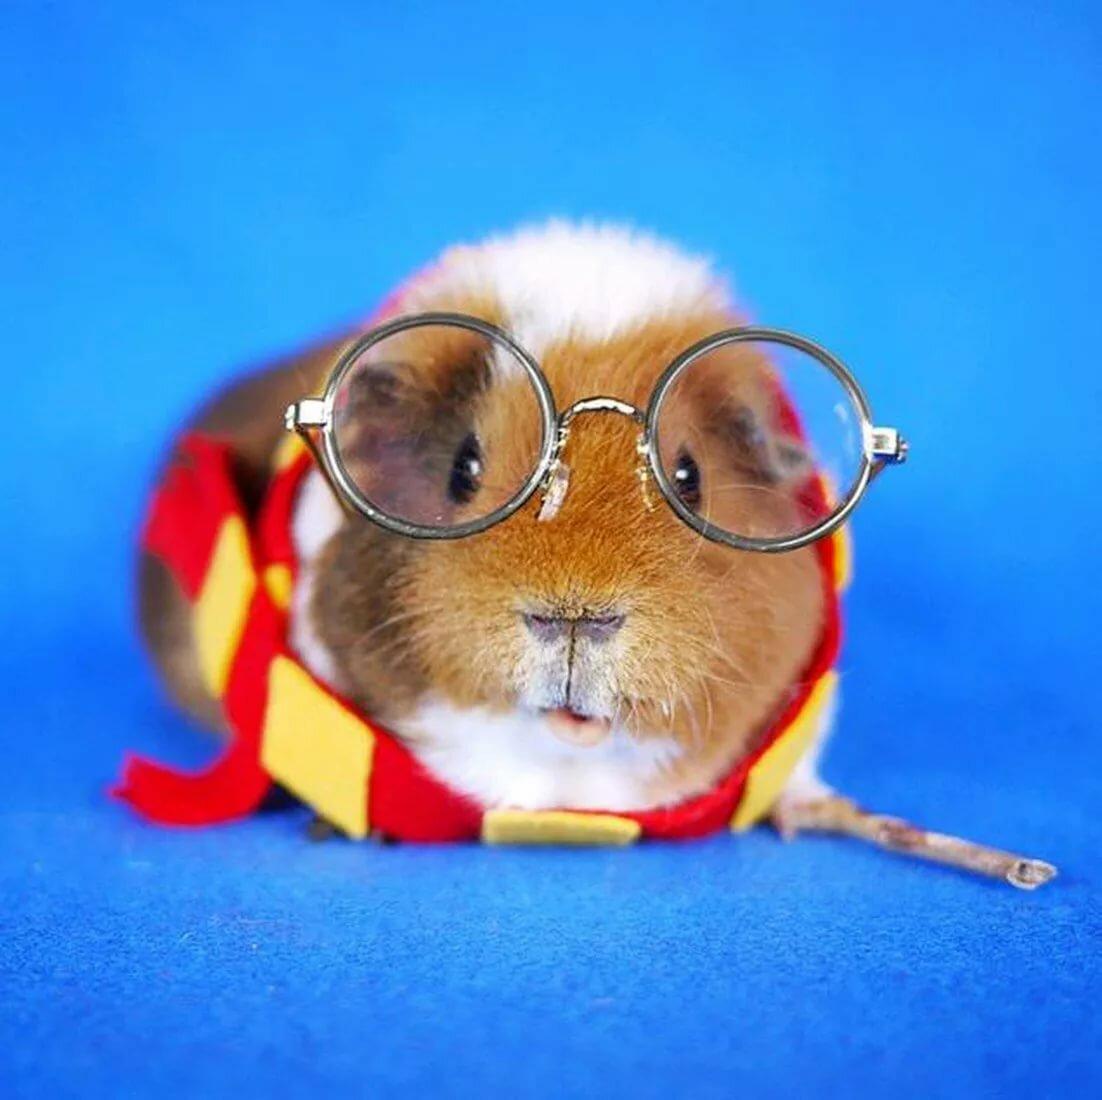 вузы просят картинки свинок в очках дом черпал вдохновение